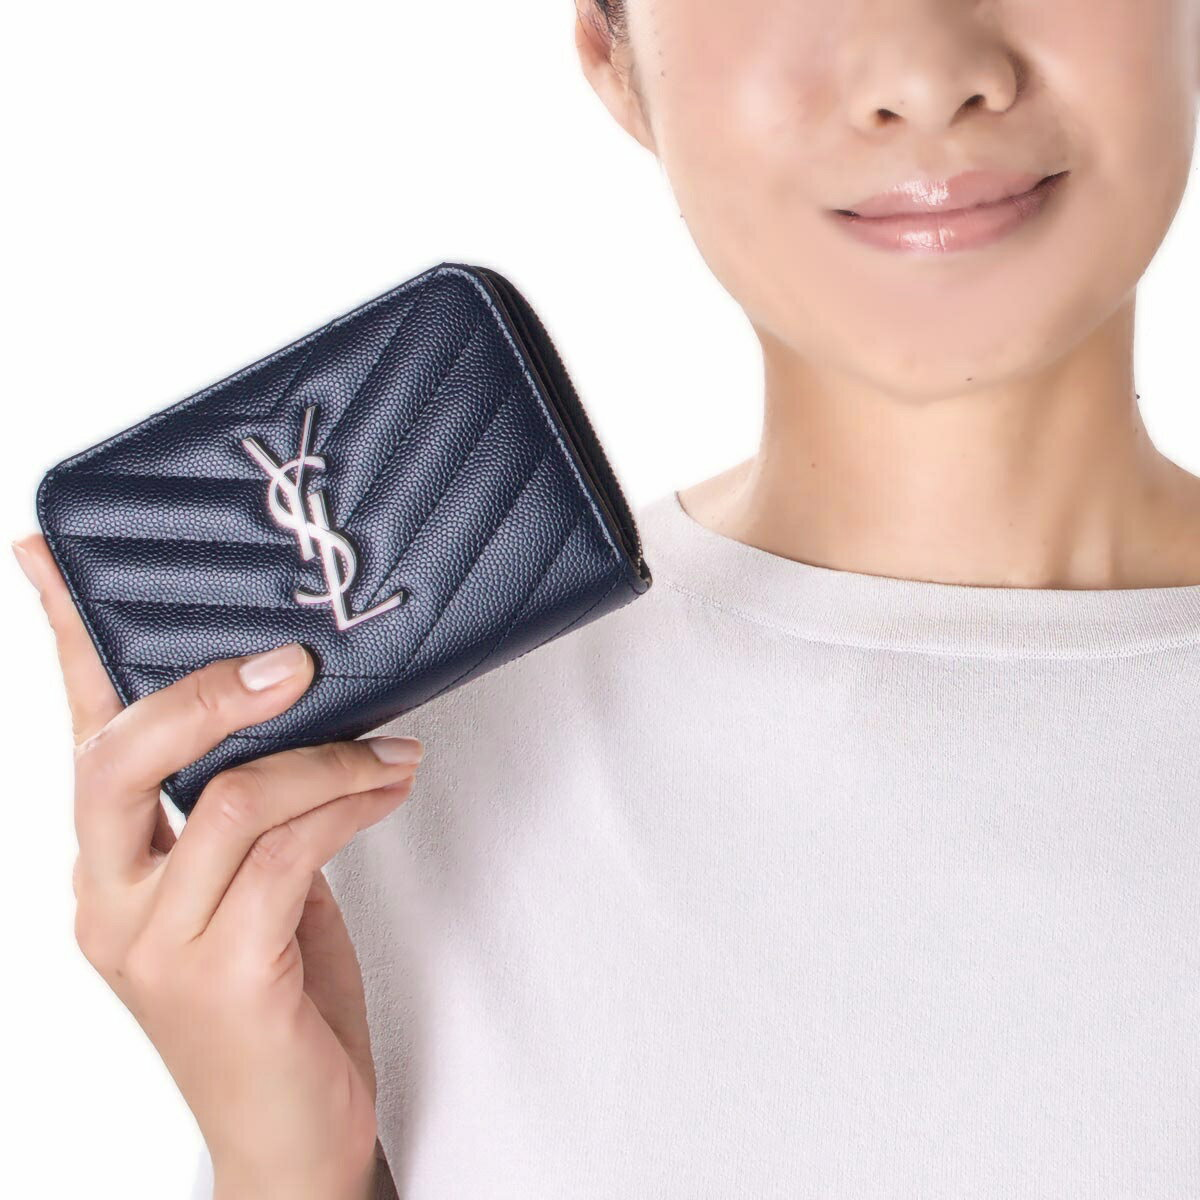 二つ折り財布 ブランオプティックホワイト&ブラック MONOGRAMME YSL レディース モノグラム サンローランパリ 財布 403723 BOWC8 9070 SAINT LAURENT PARIS